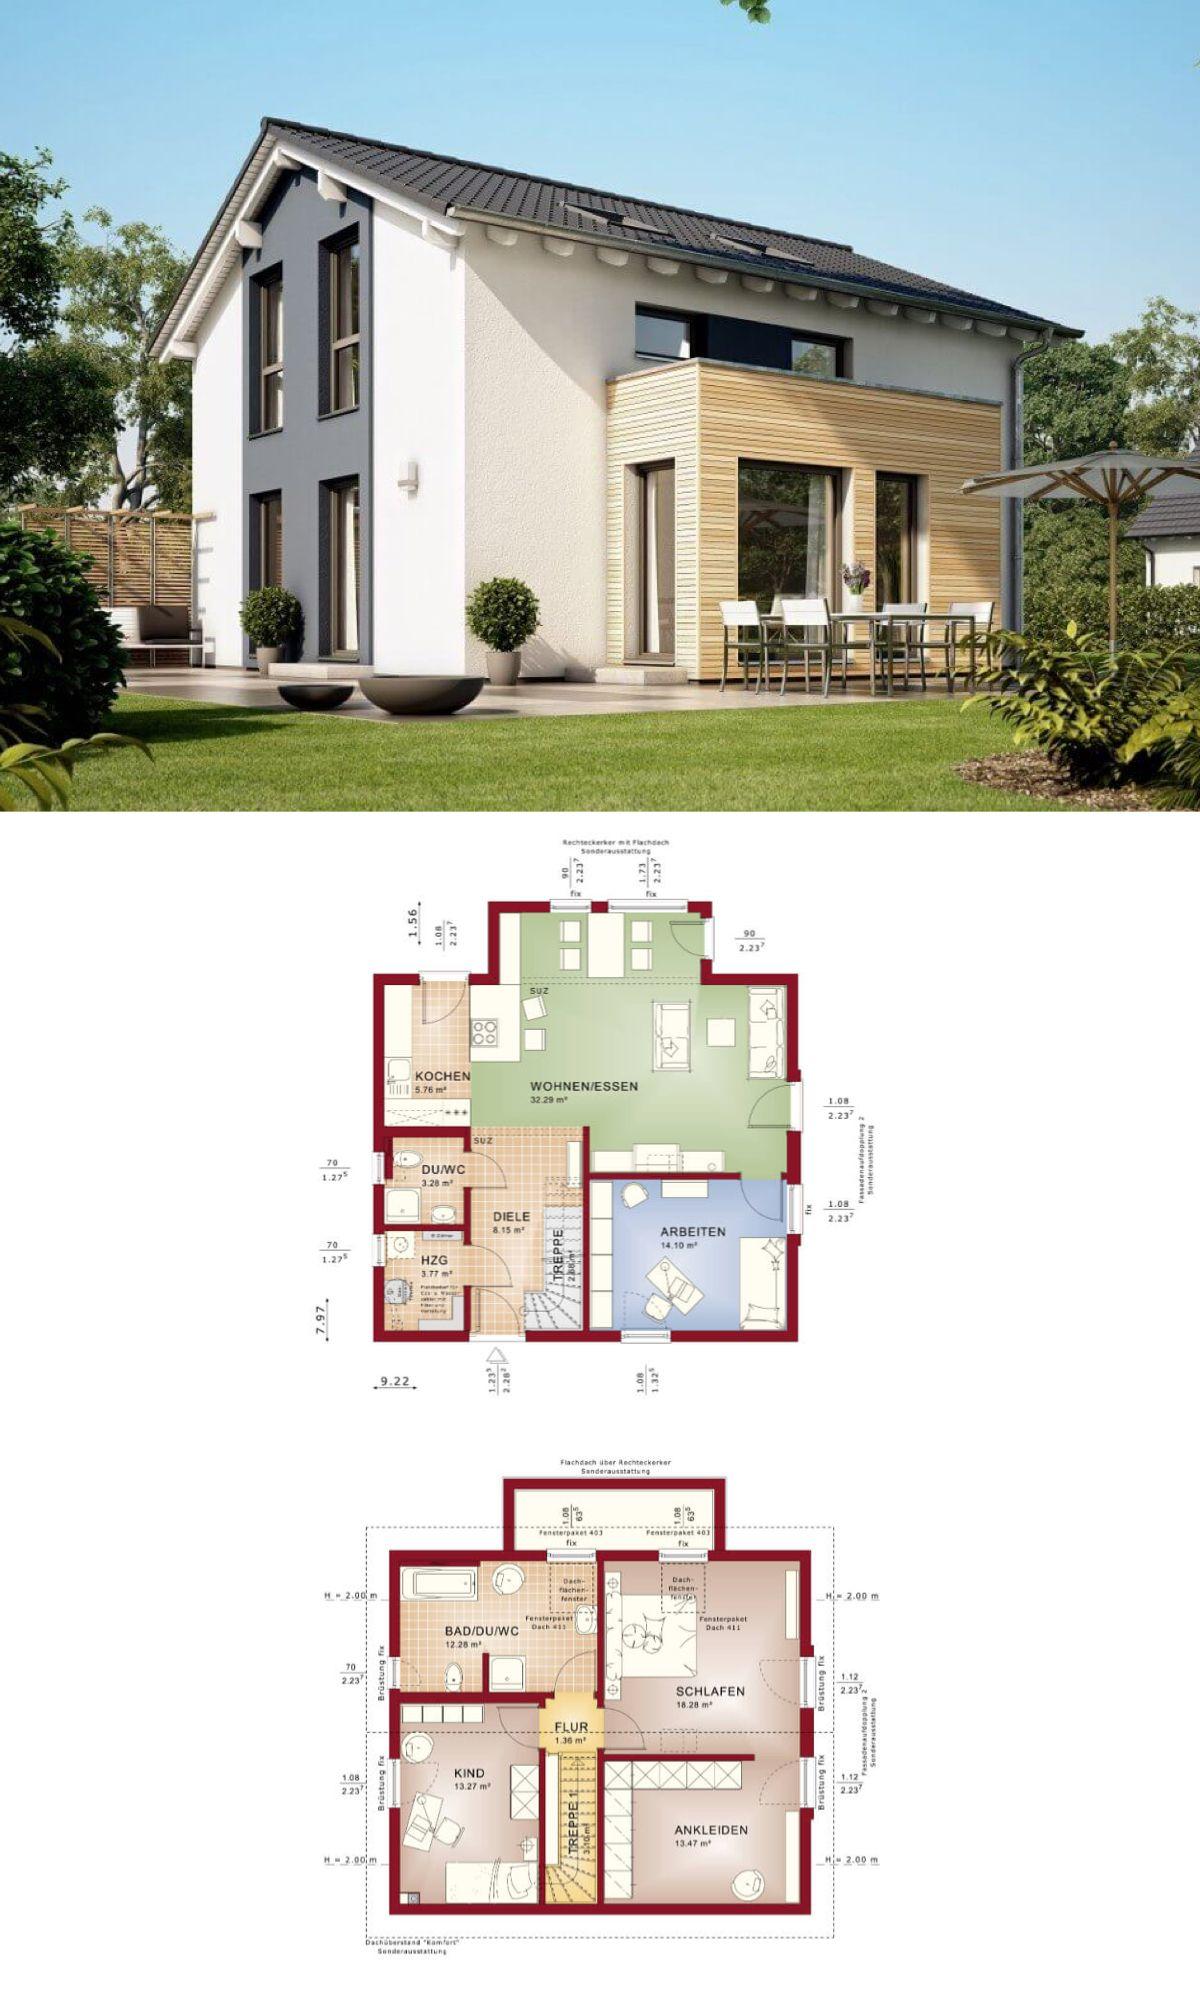 Modernes Einfamilienhaus Satteldach modernes einfamilienhaus haus solution 124 v6 living haus